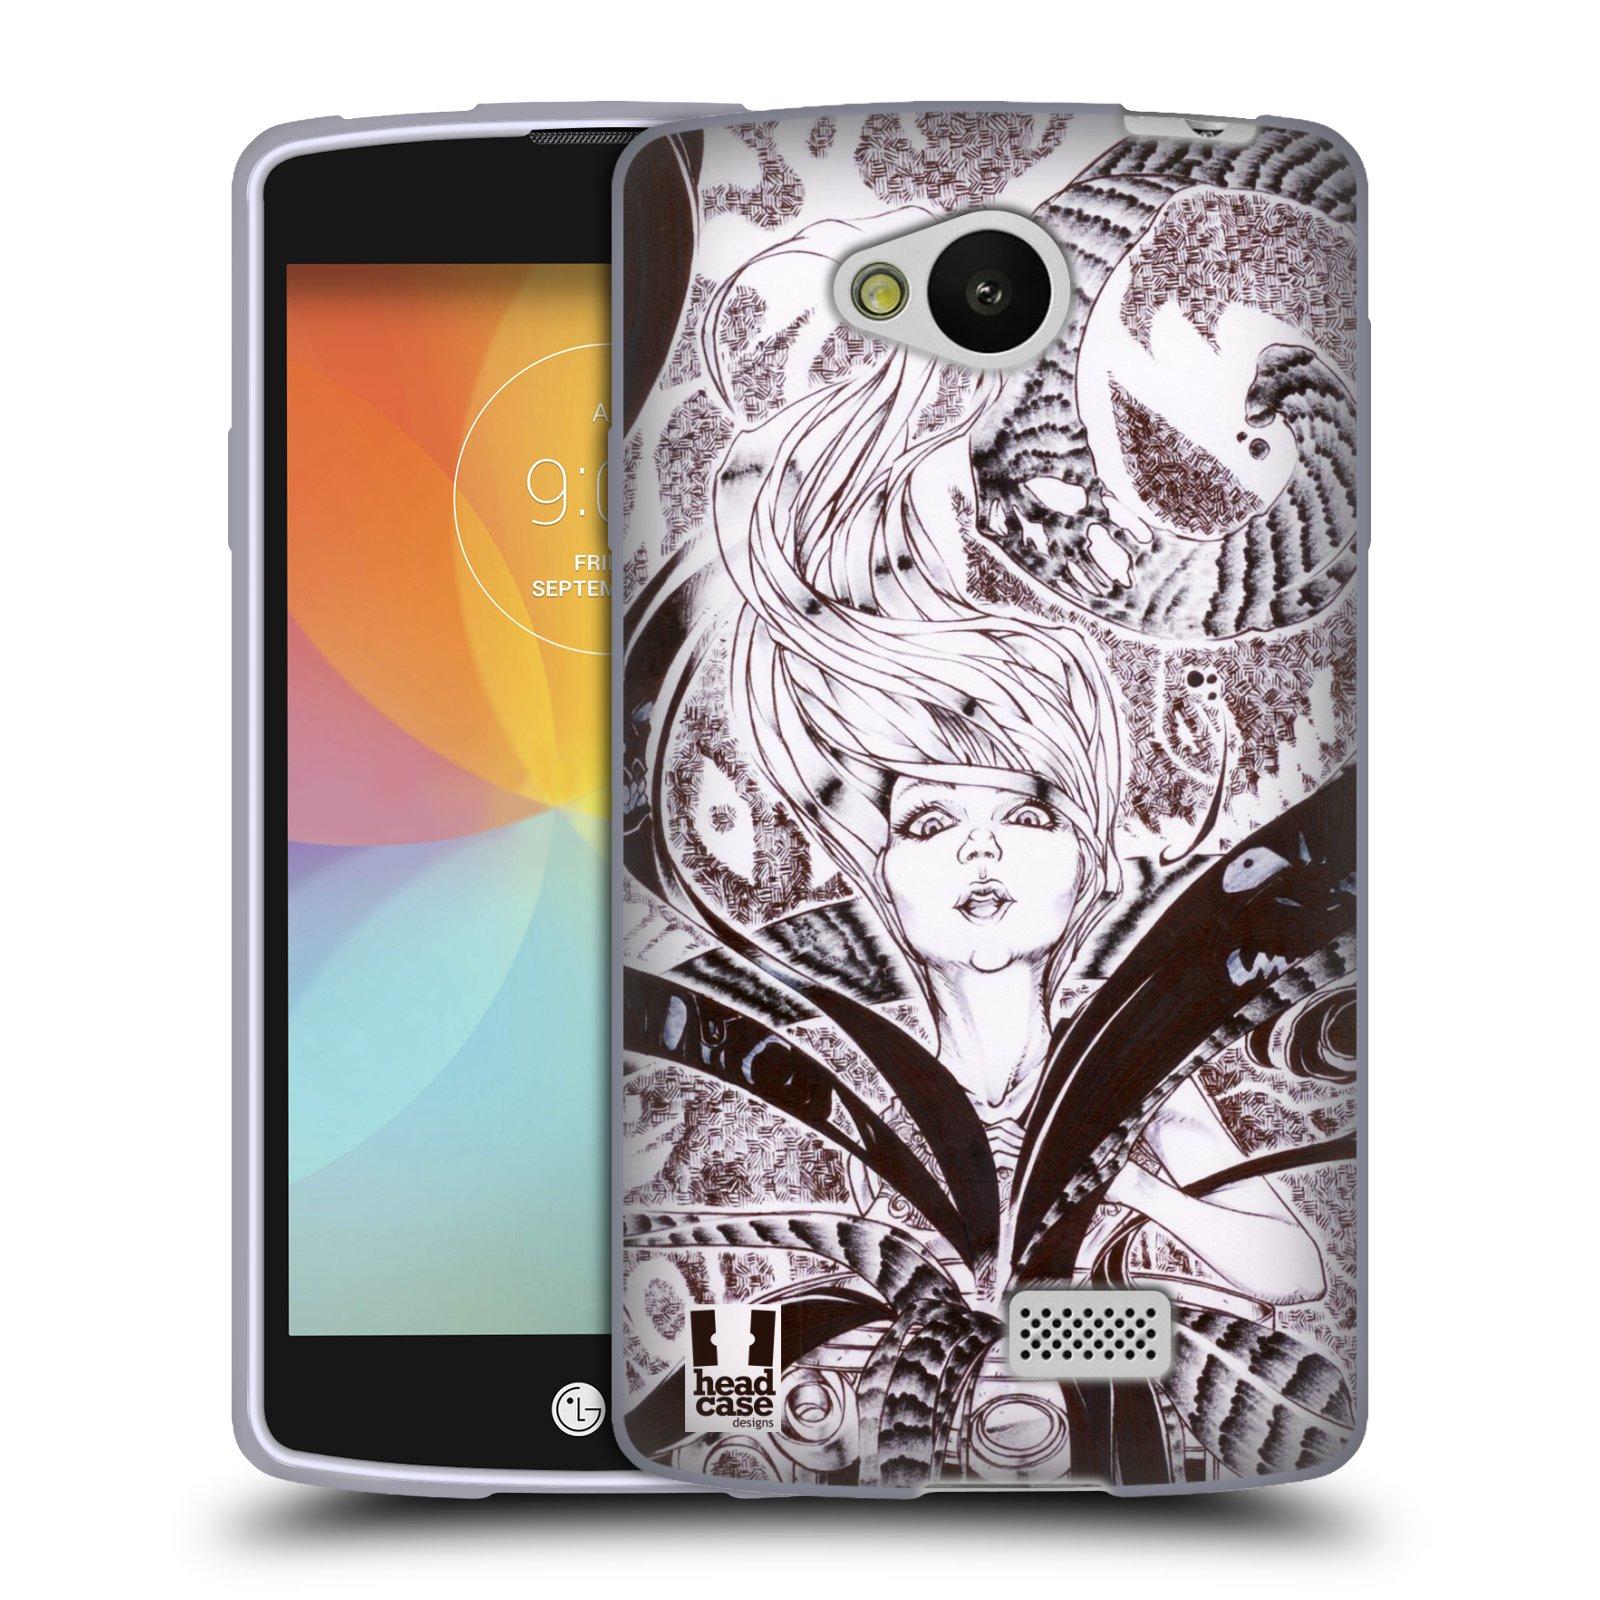 HEAD CASE silikonový obal na mobil LG F60 vzor Pero a tužka obrázek posedlá démonem